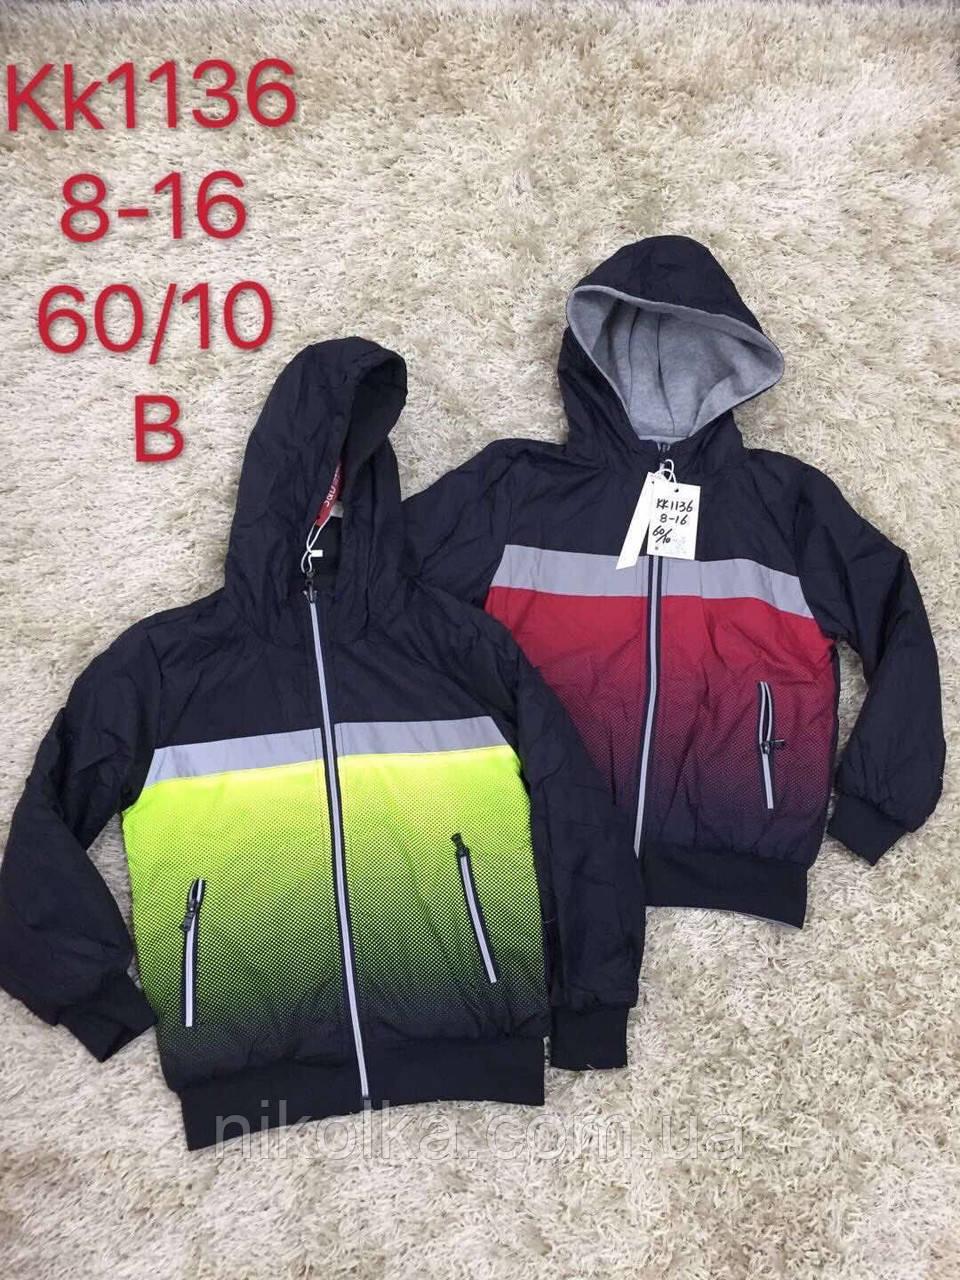 Куртка для мальчиков оптом, S&D, 8-16 лет, арт. KK1136